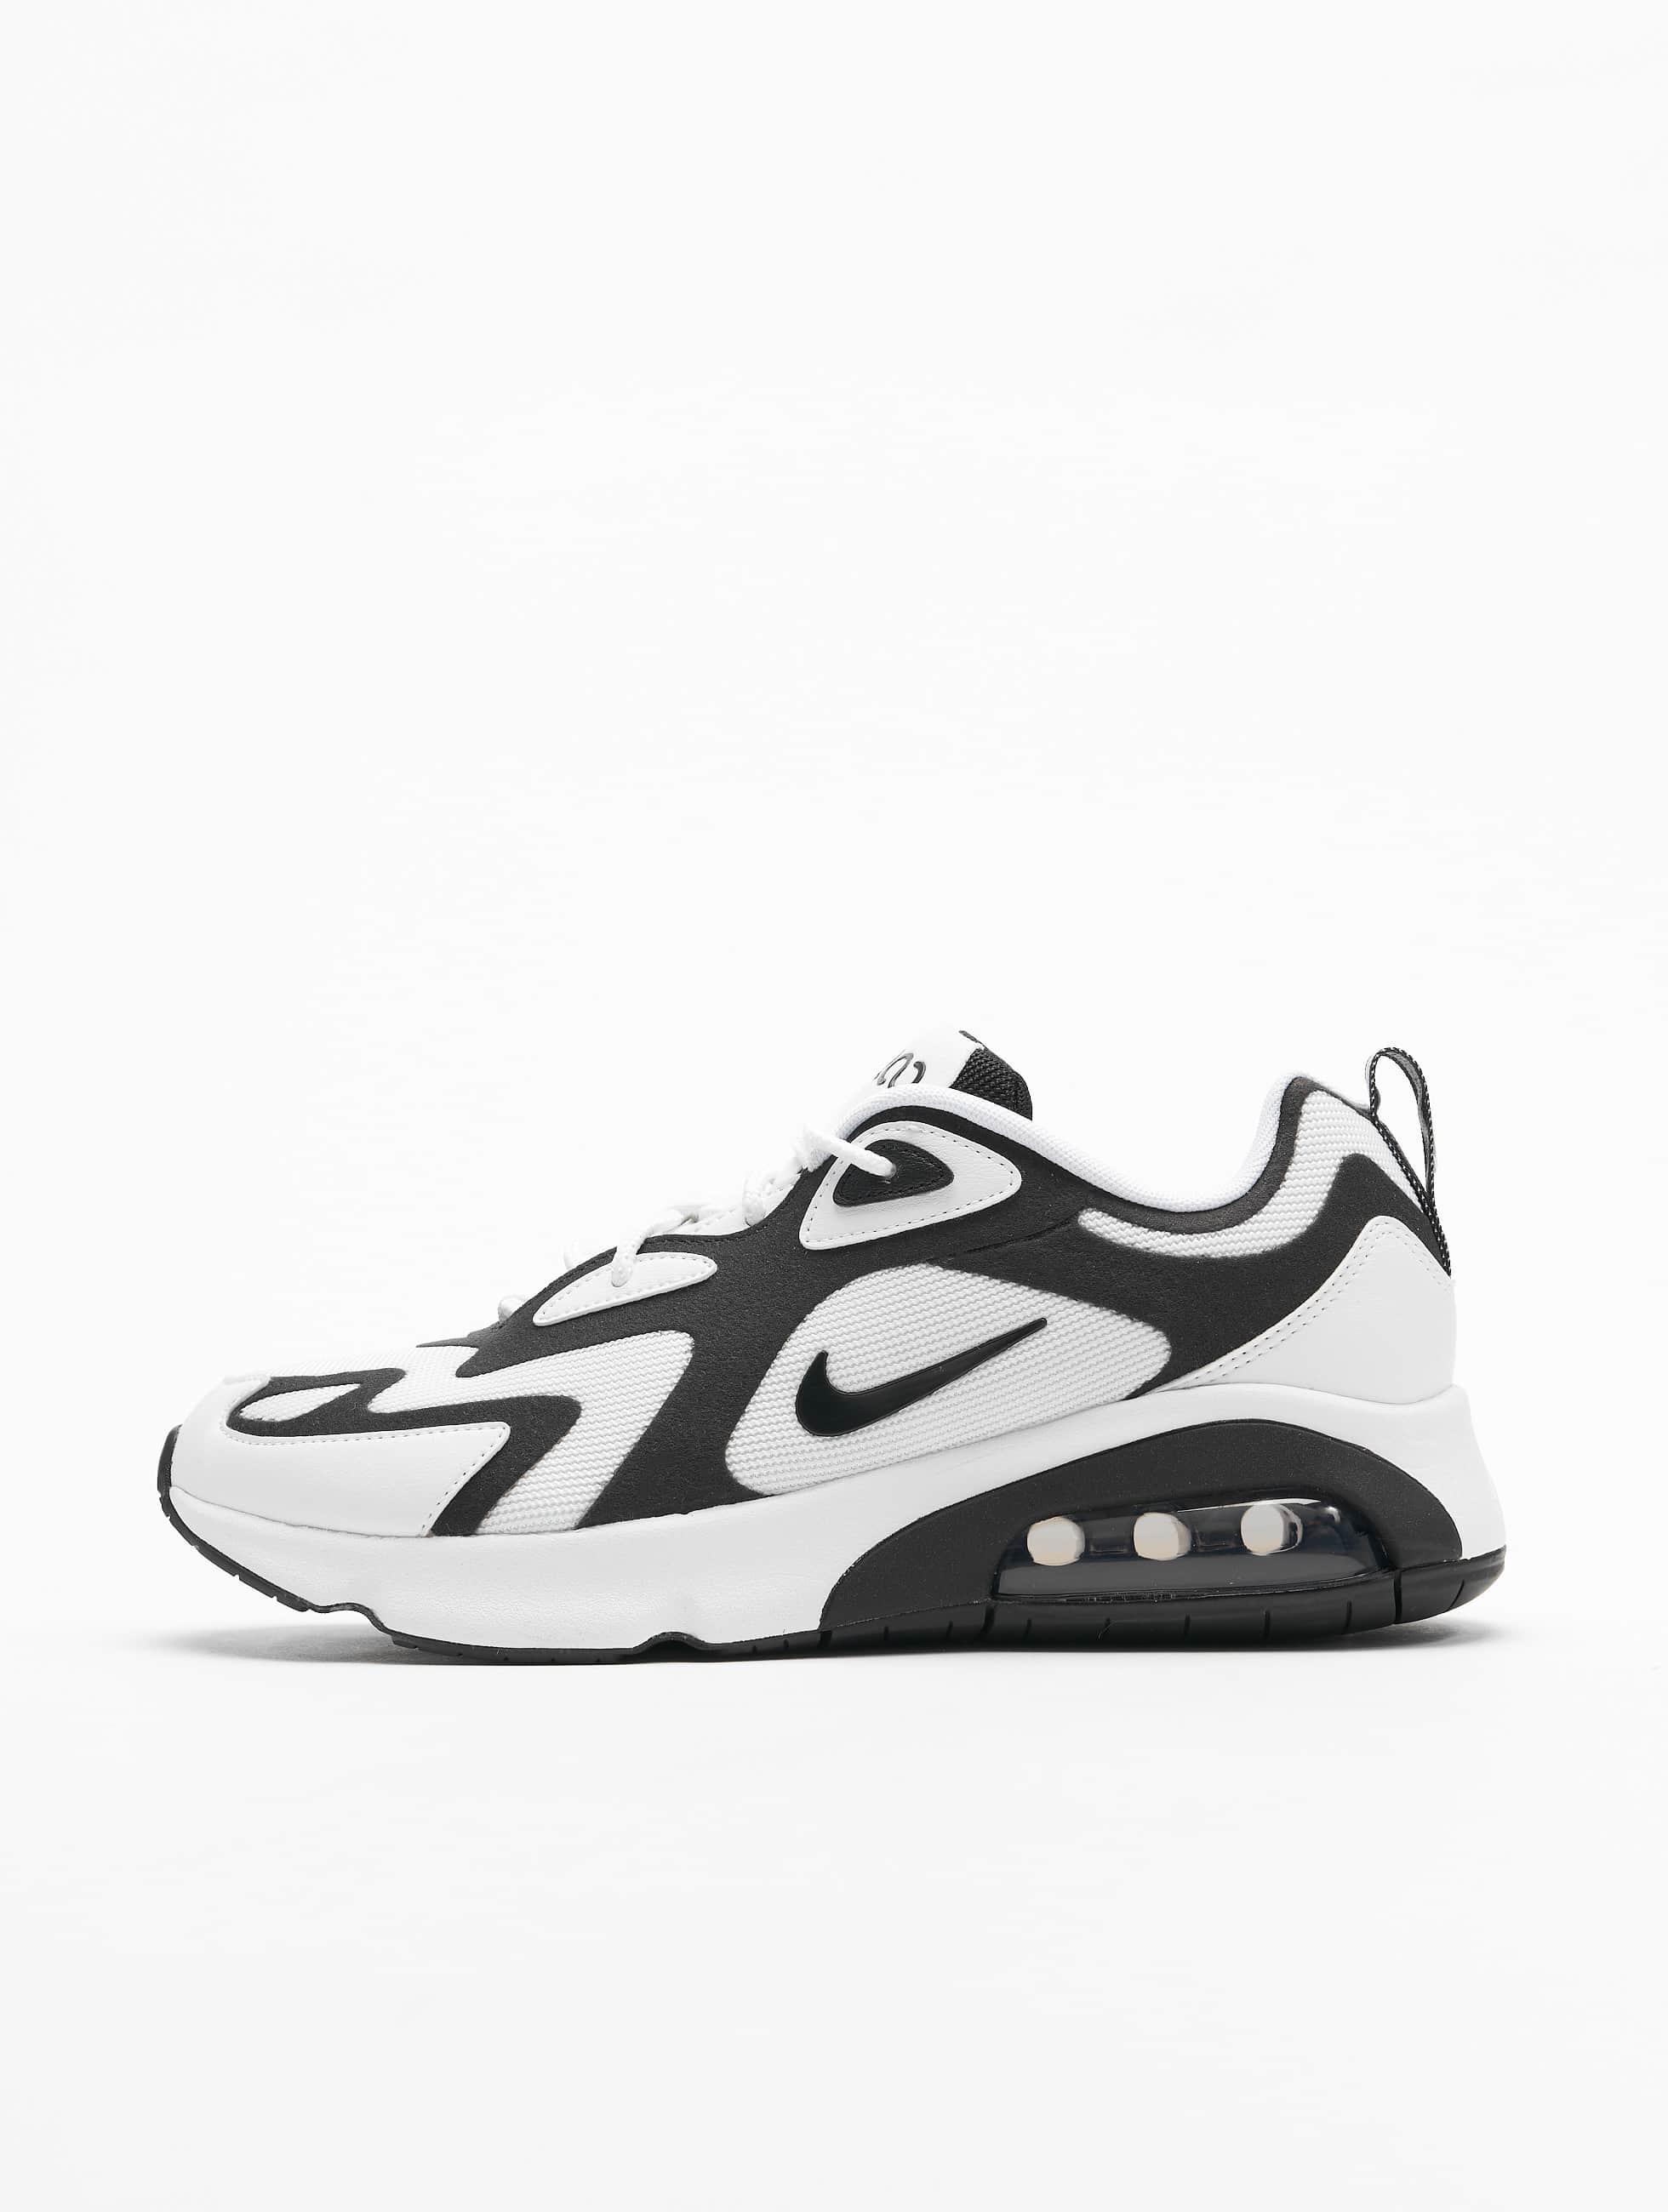 Nike Air Max 200 Sneakers WhiteBlackAnthracite